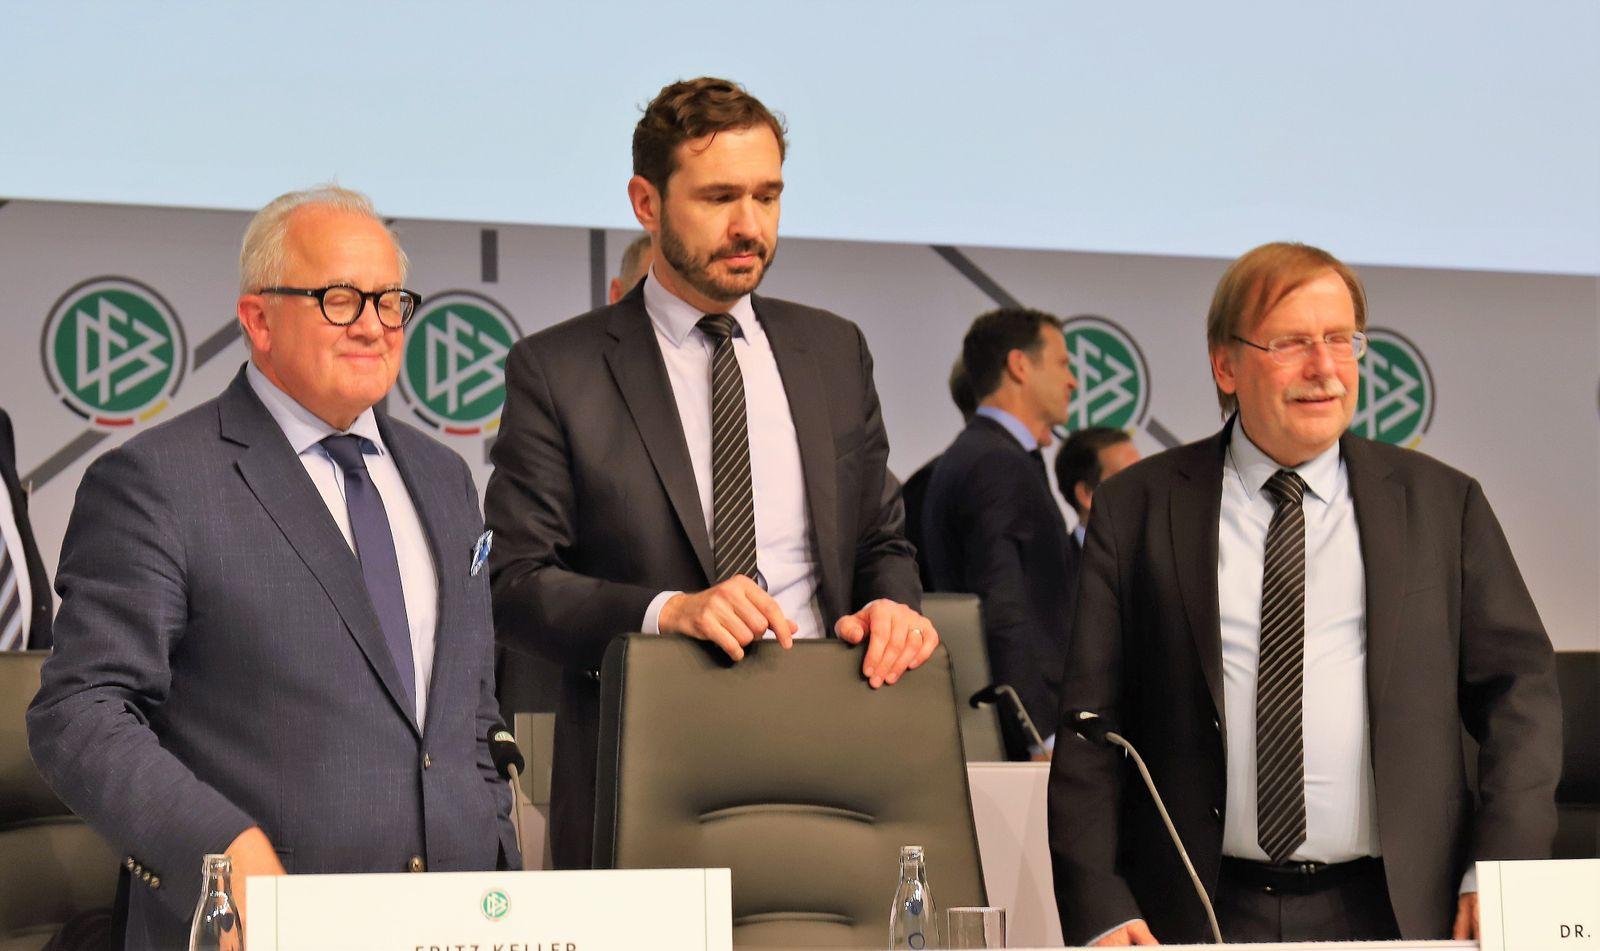 27.09.2019 GER, Frankfurt am Main, Messe Congresscenter DFB-Bundestag 2019 - Der neue DFB-Präsident Friedrich Fritz Walt